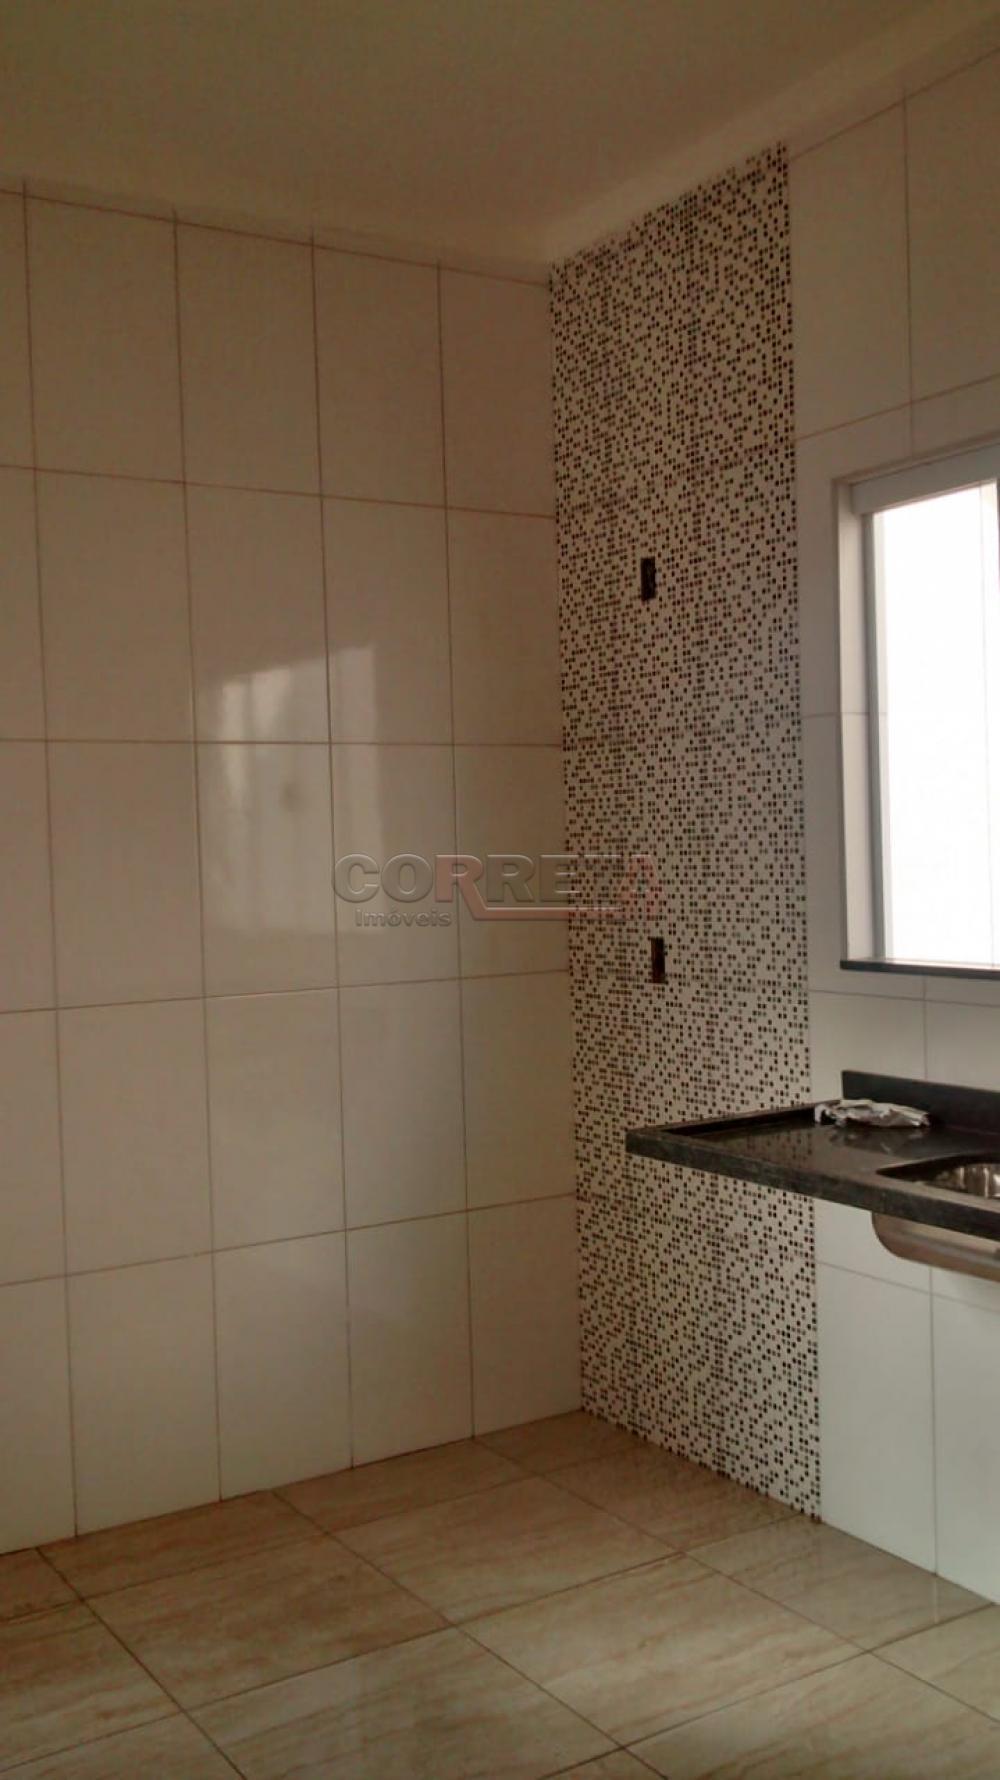 Comprar Casa / Residencial em Araçatuba apenas R$ 215.000,00 - Foto 12